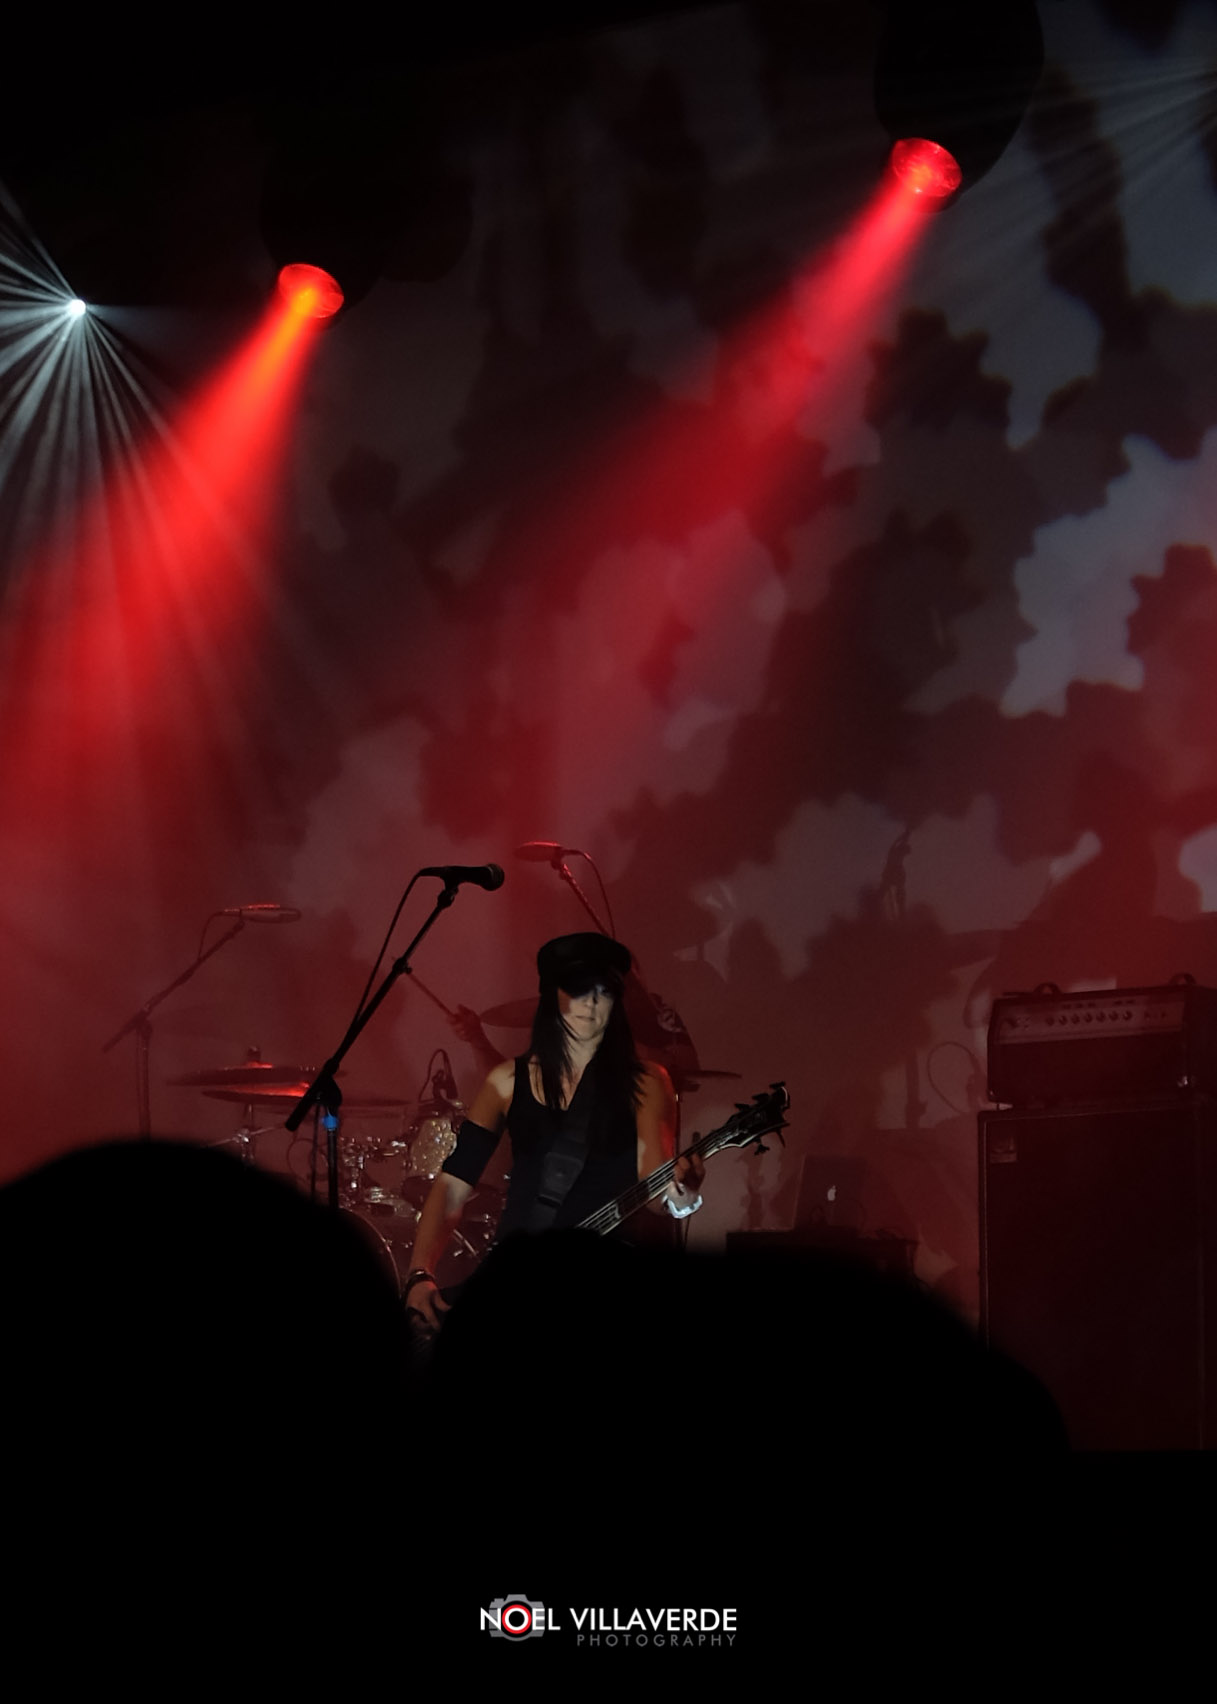 Ignition_Concert-15.jpg